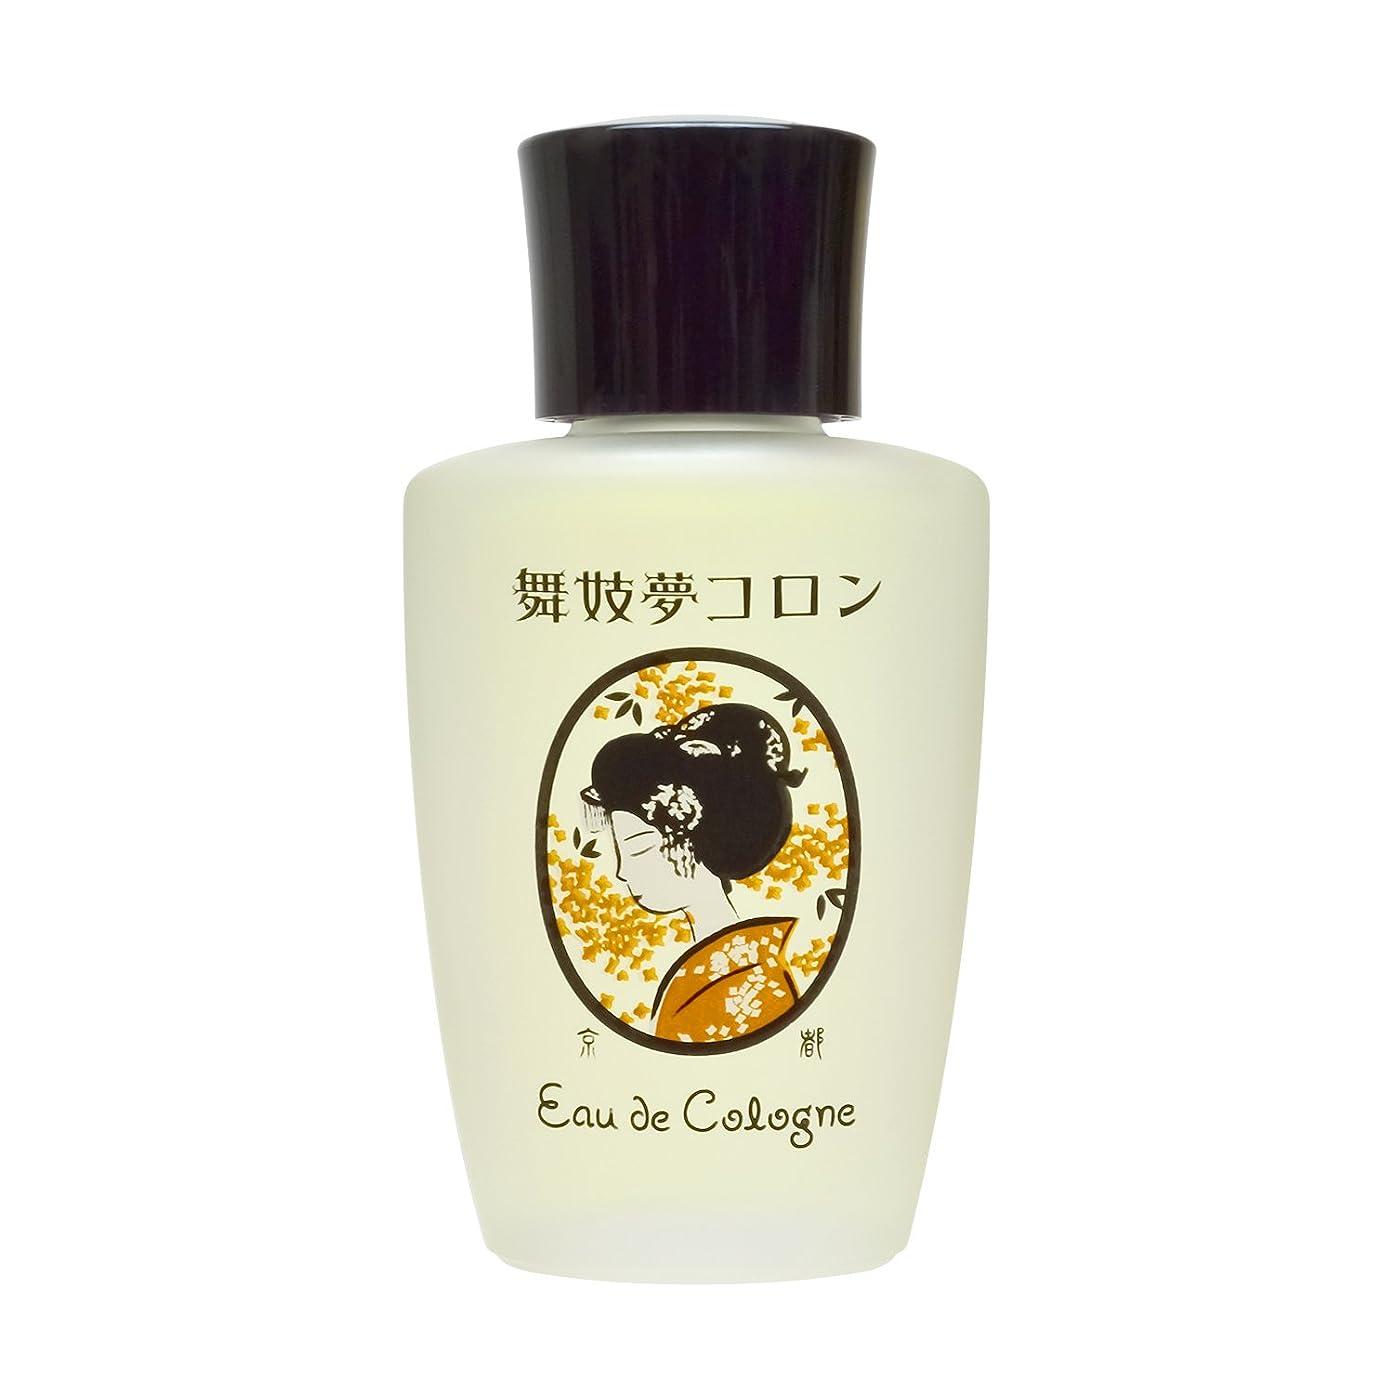 スープバスタブスポーツをする京コスメ 舞妓夢コロン 金木犀/きんもくせいの香り 単品